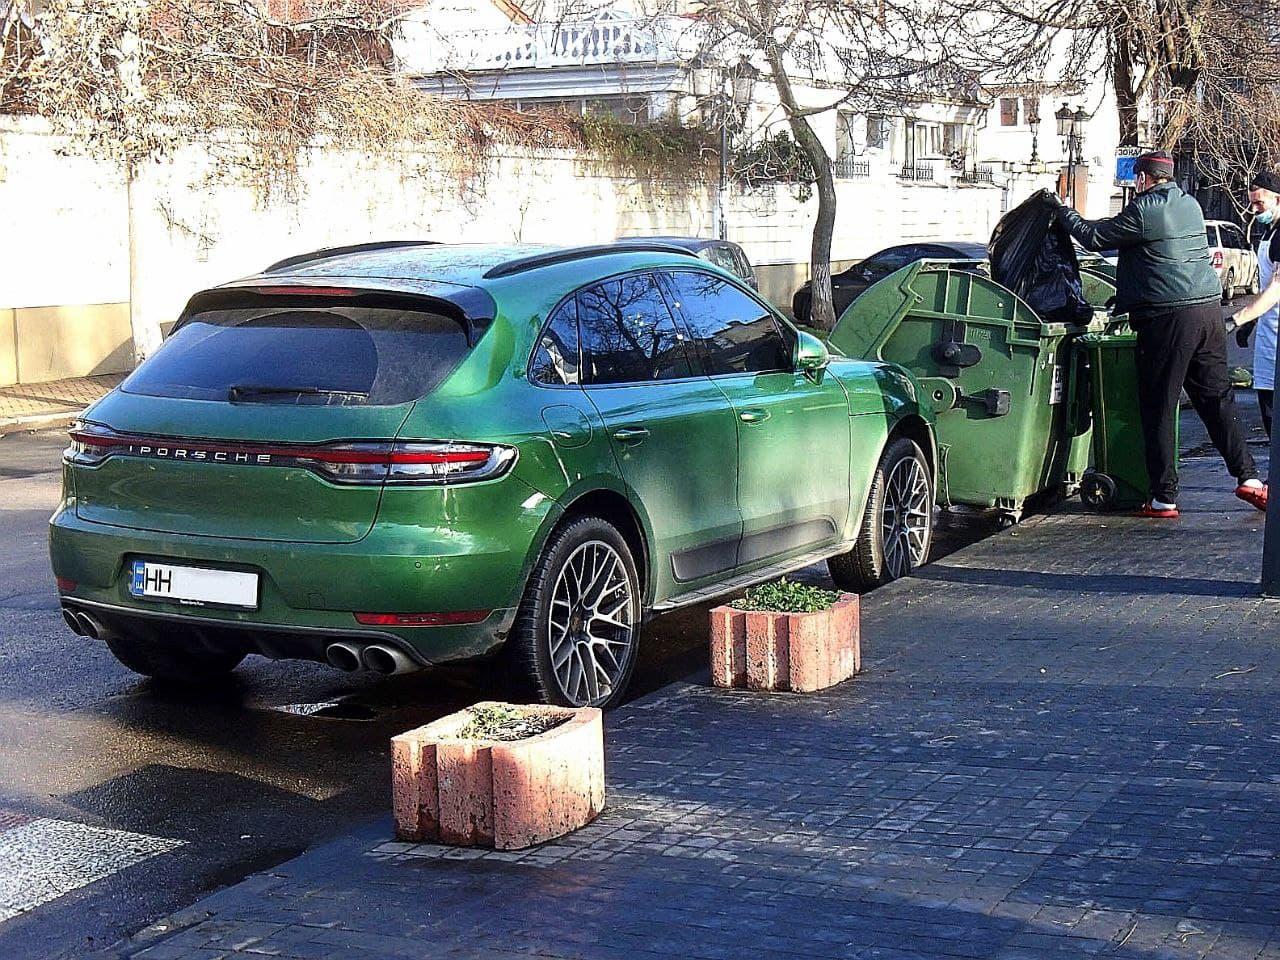 Новость одной картинкой: эксклюзивный Porsche в очень необычном антураже